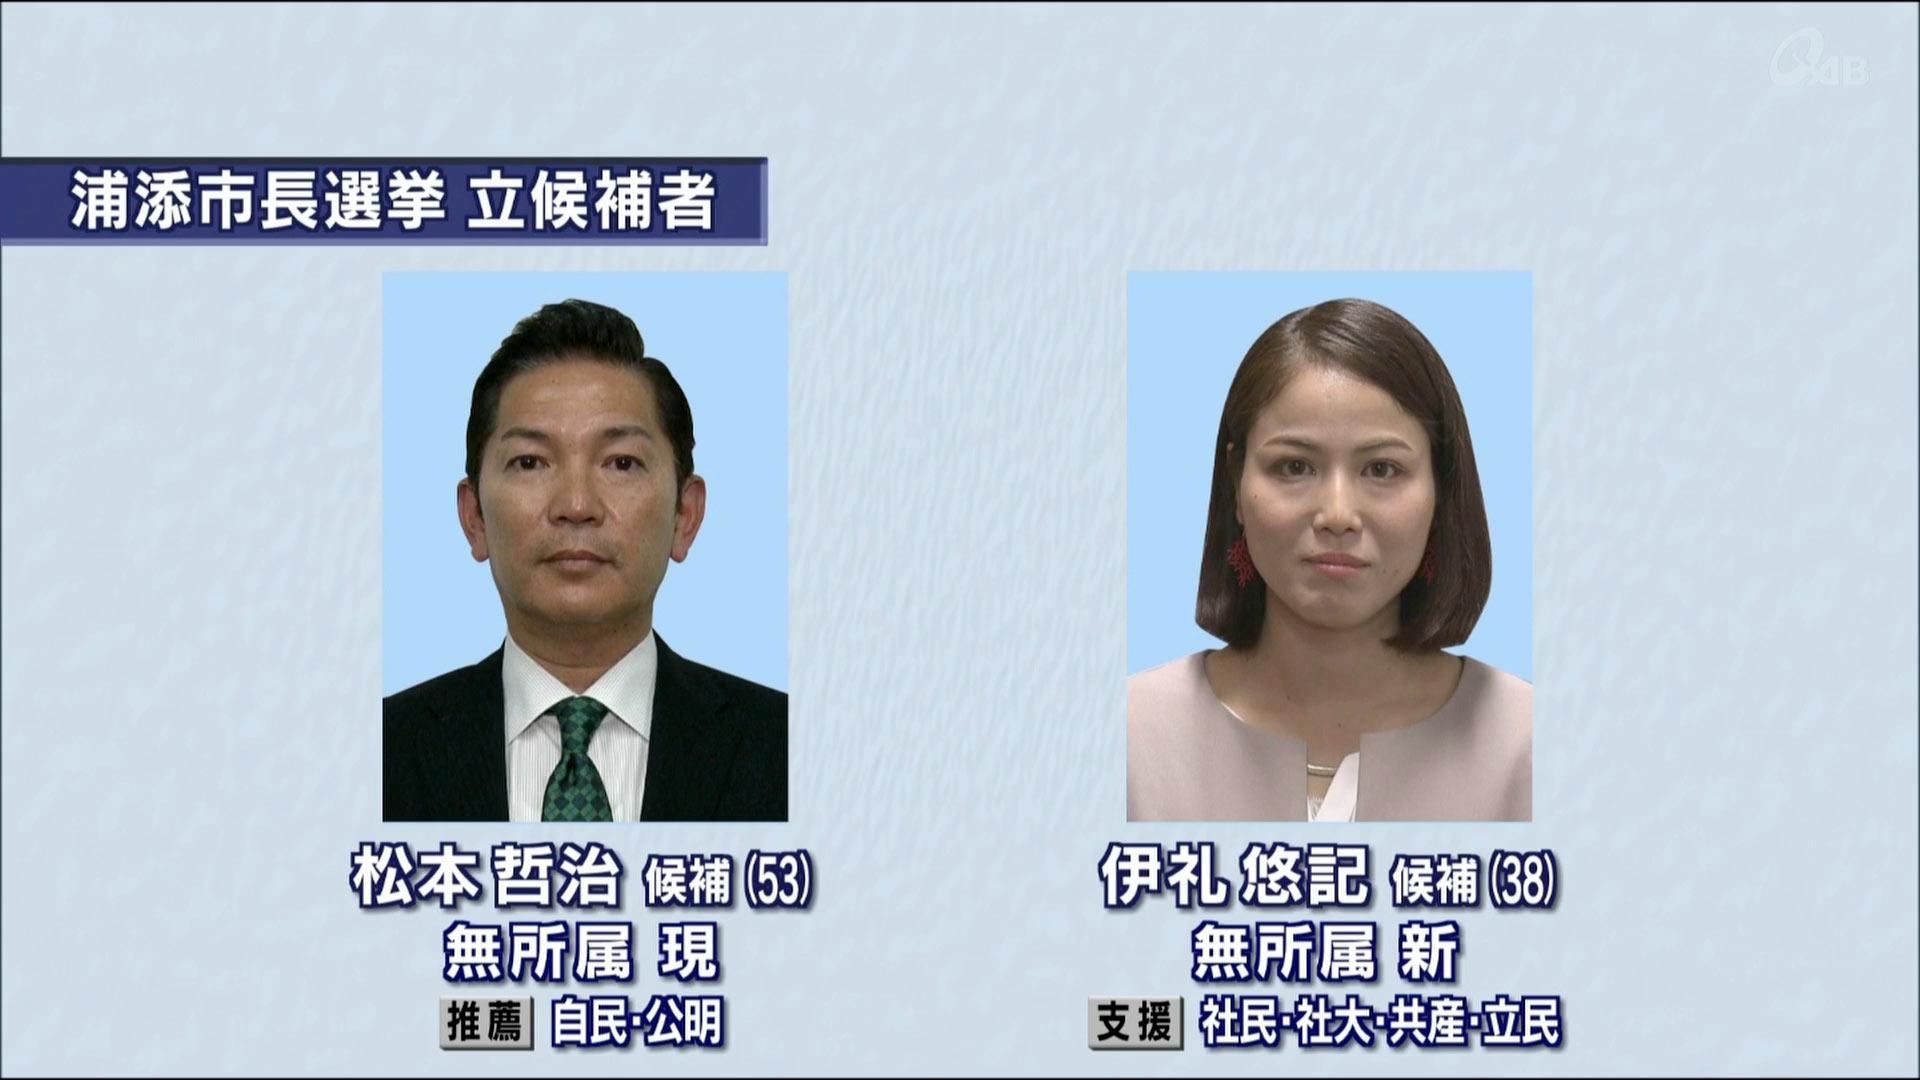 浦添市長選告示 現職と新人の一騎打ち